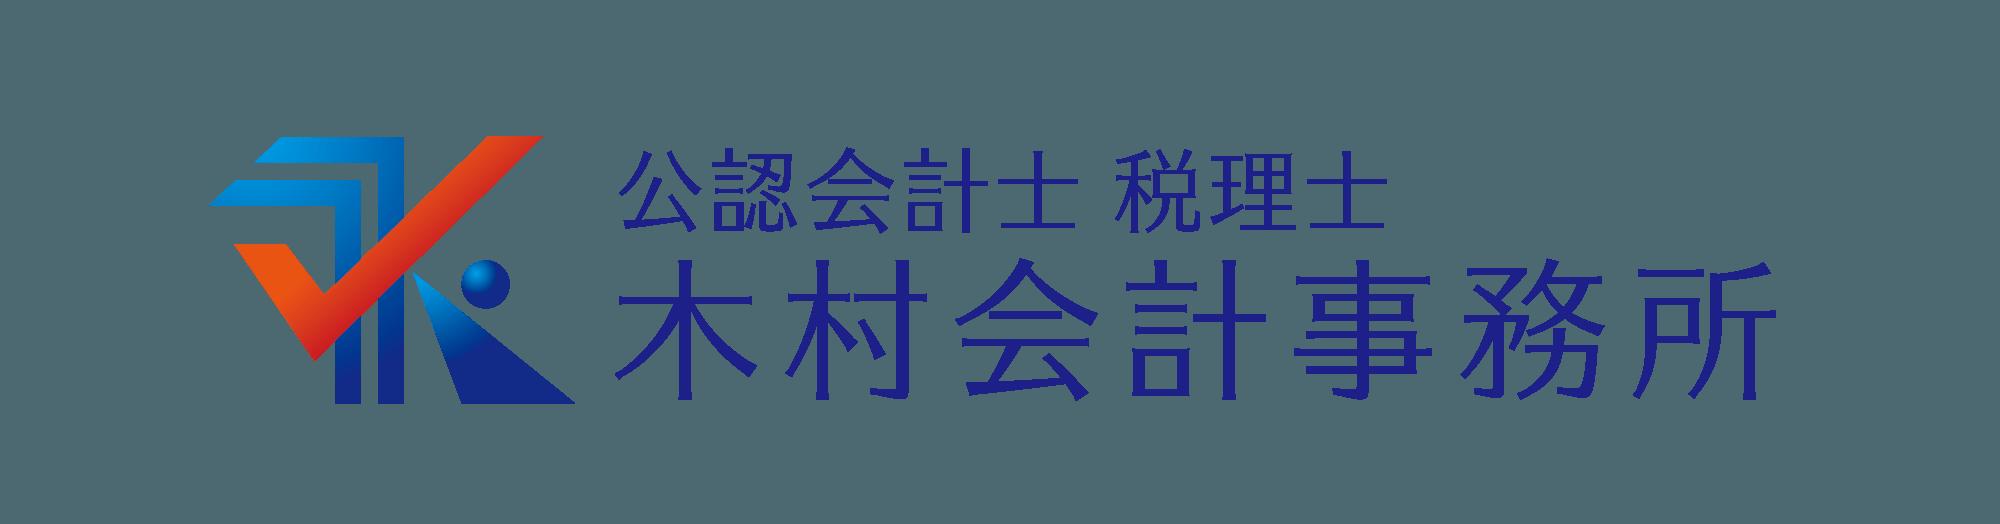 公認会計士 税理士 木村会計事務所